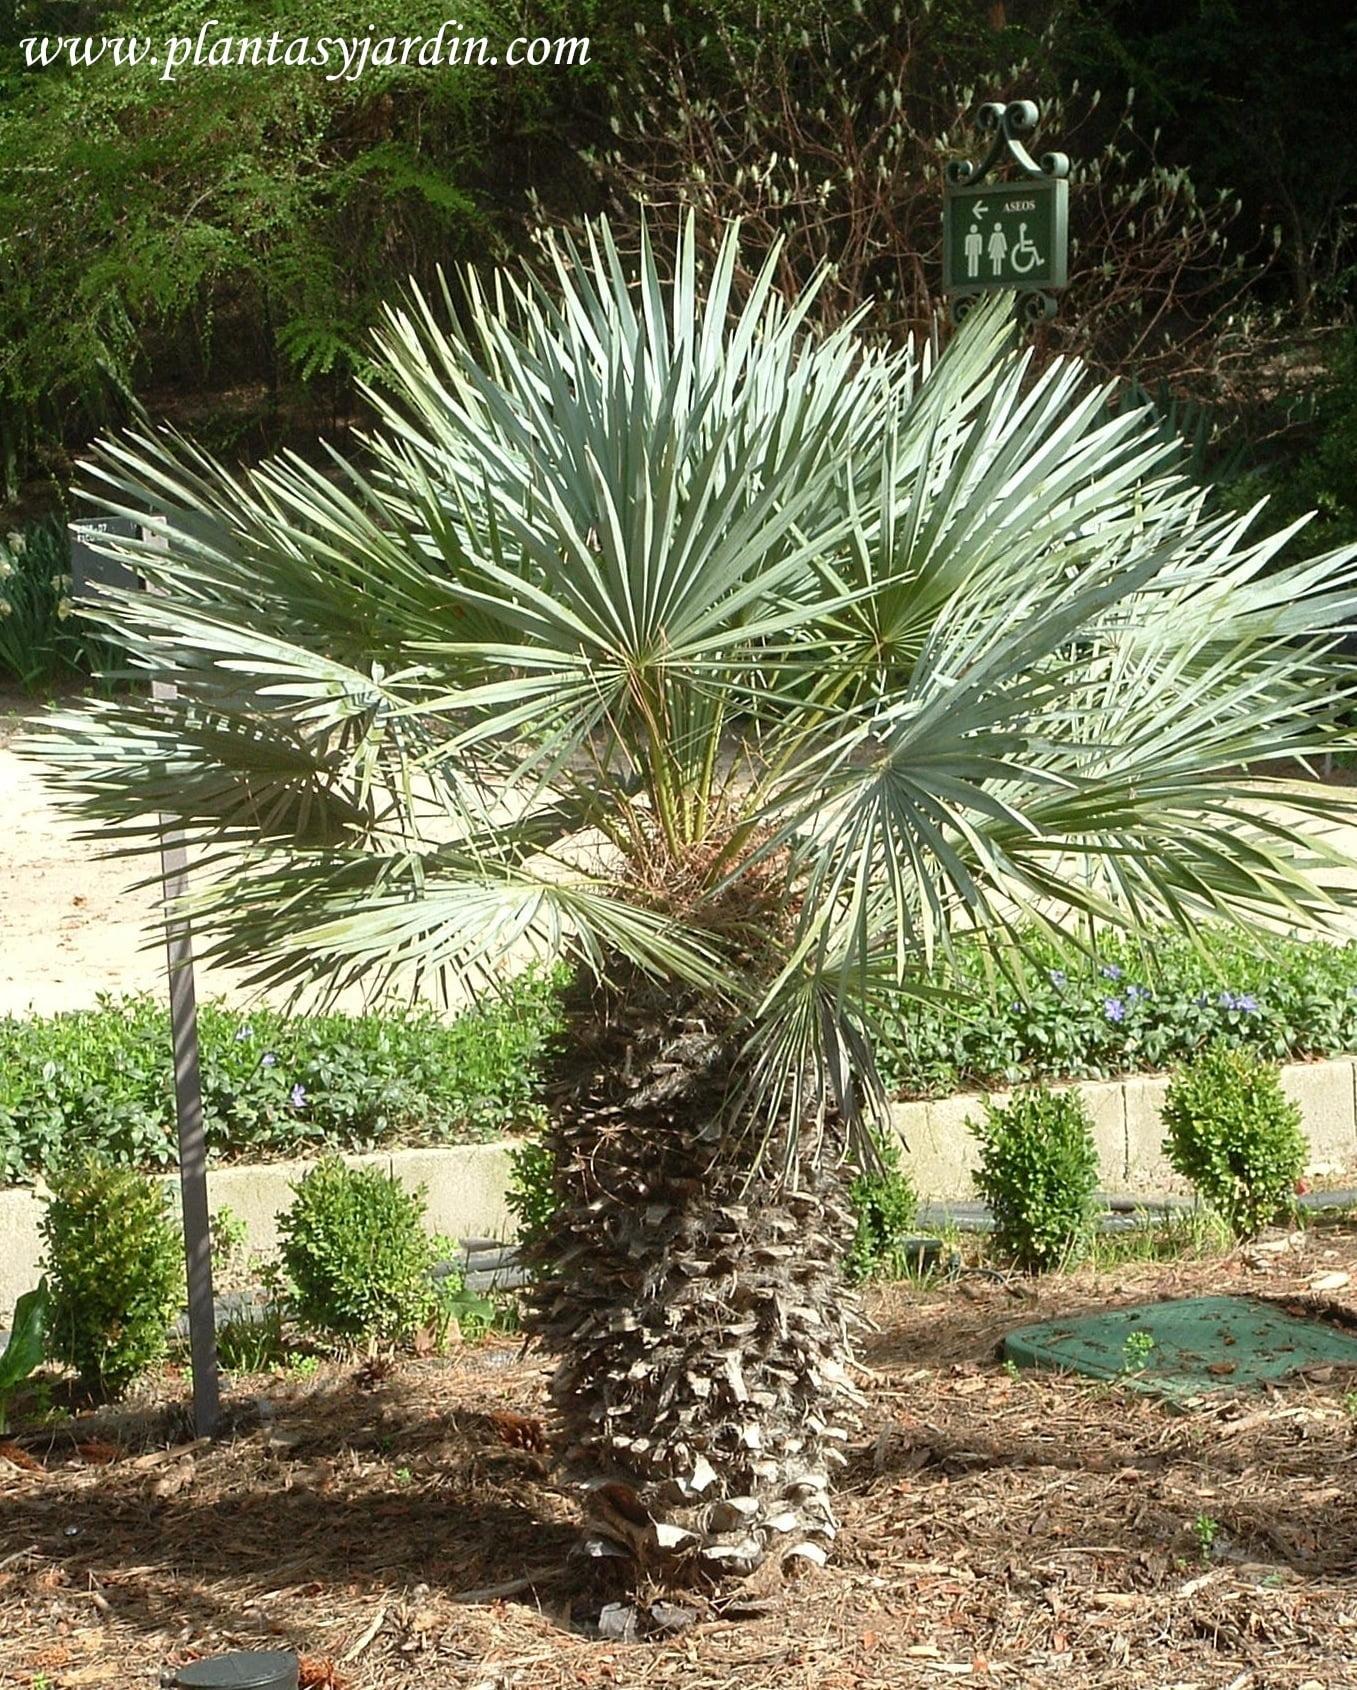 Chamaerops humilis el Palmito unica especie dentro del grupo de las Palmeras nativa de la region mediterranea